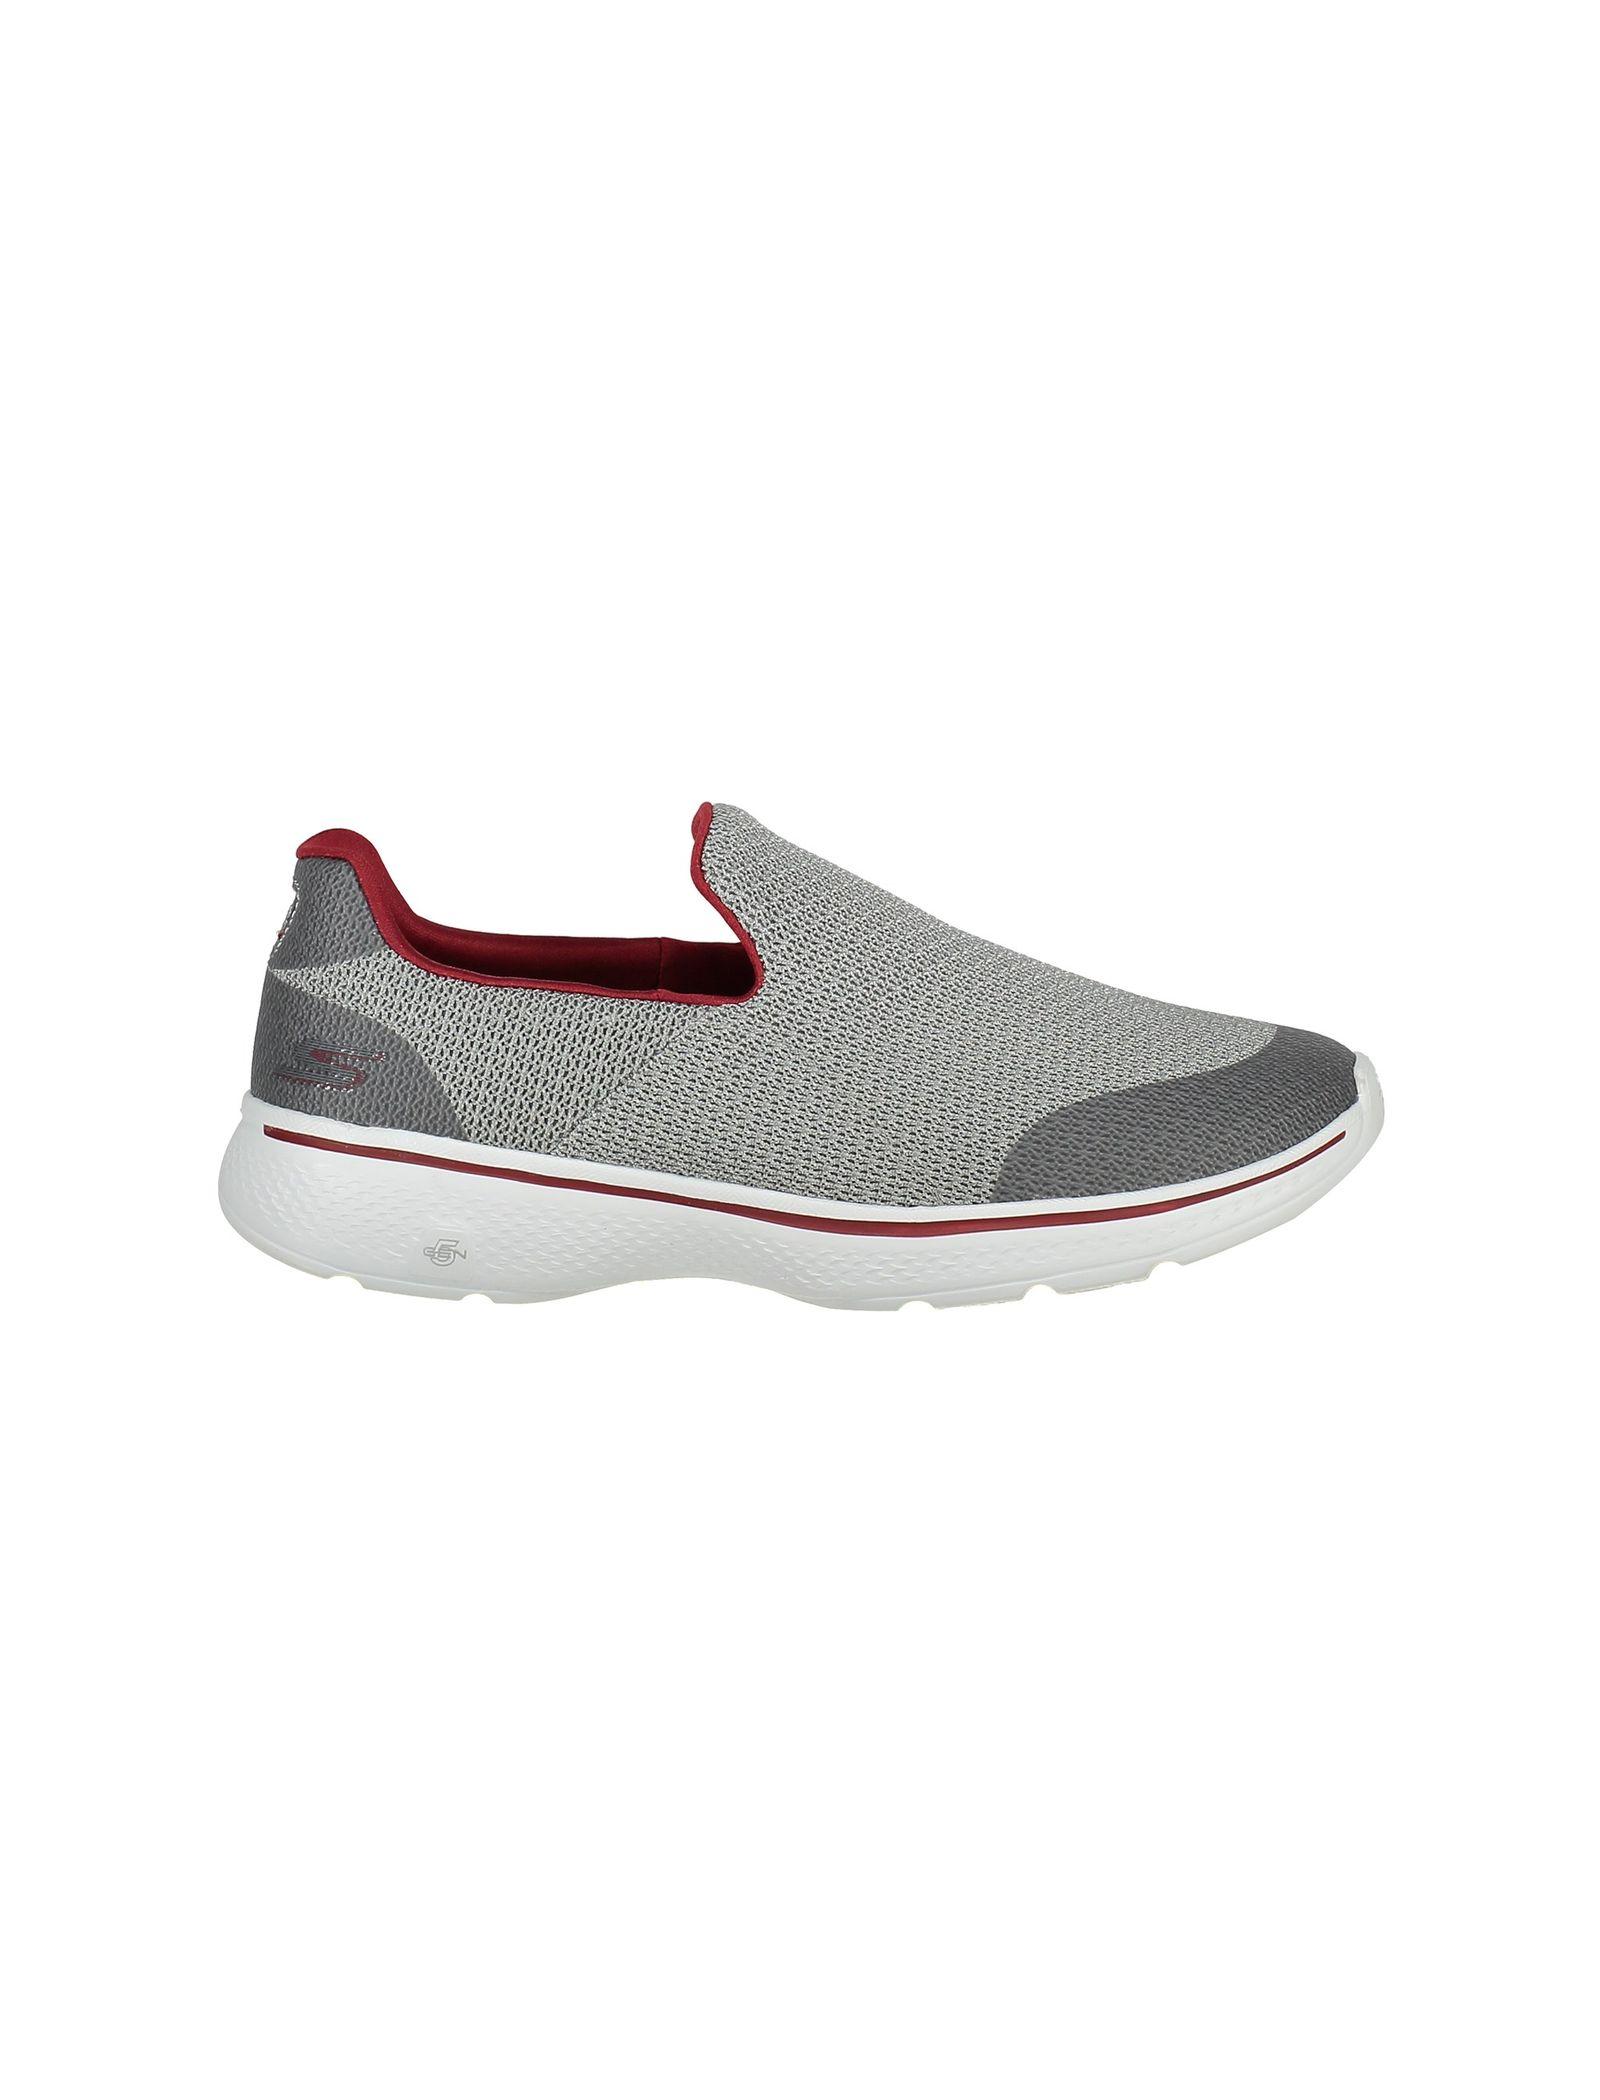 کفش پیاده روی پارچه ای مردانه GOwalk 4 Expert - اسکچرز - طوسي - 1